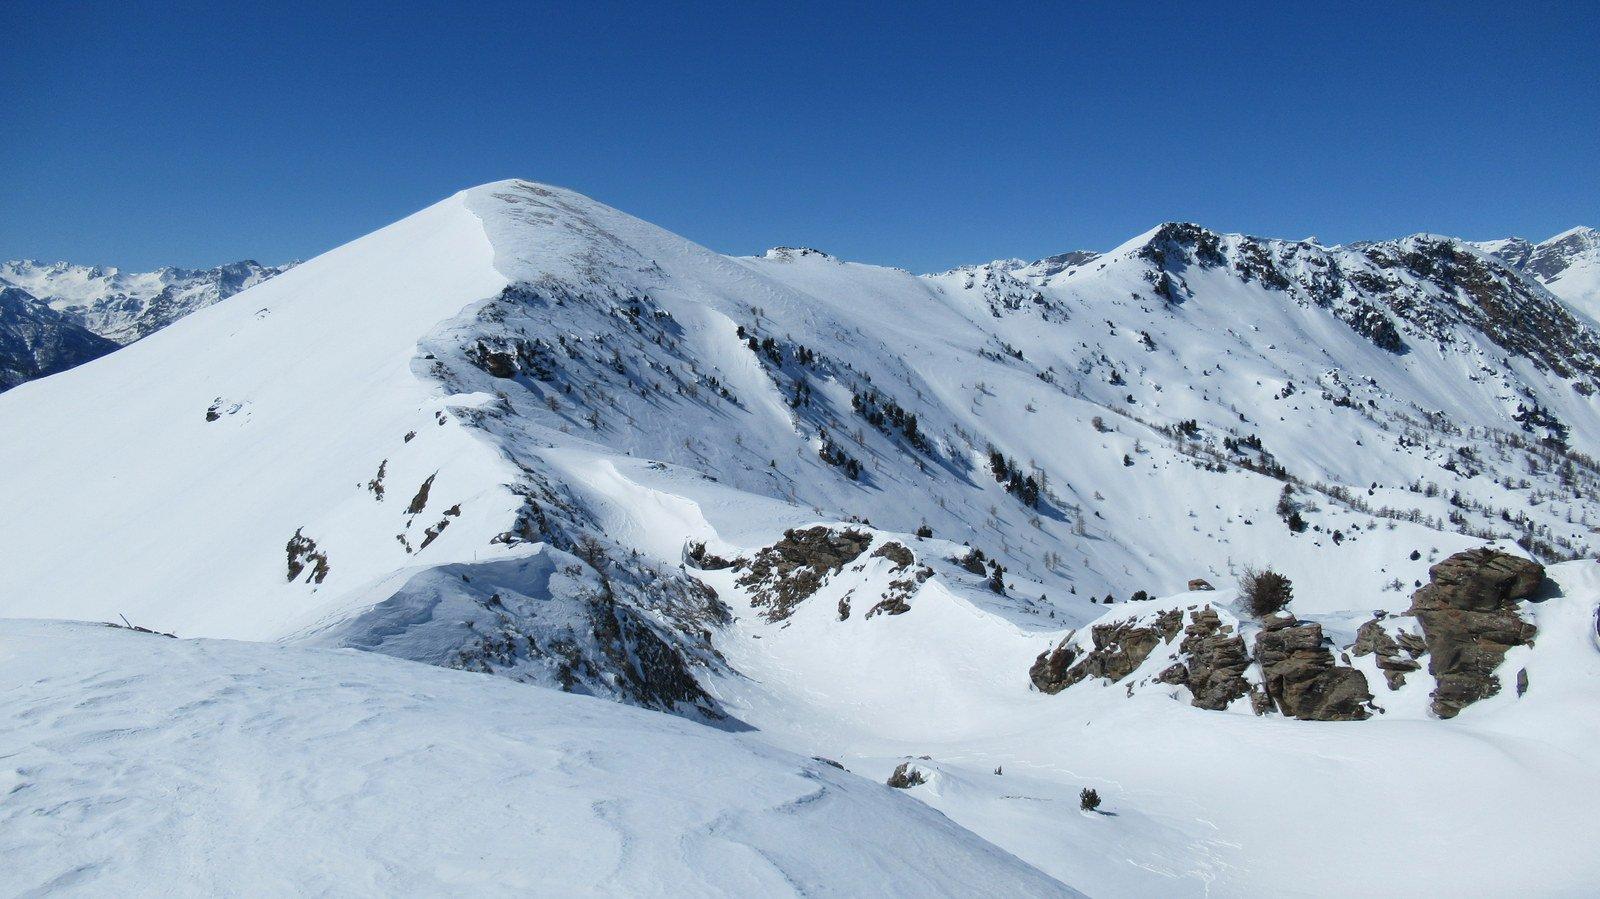 Tutta la cresta percorsa dalle due cime del Nebin (a ds)